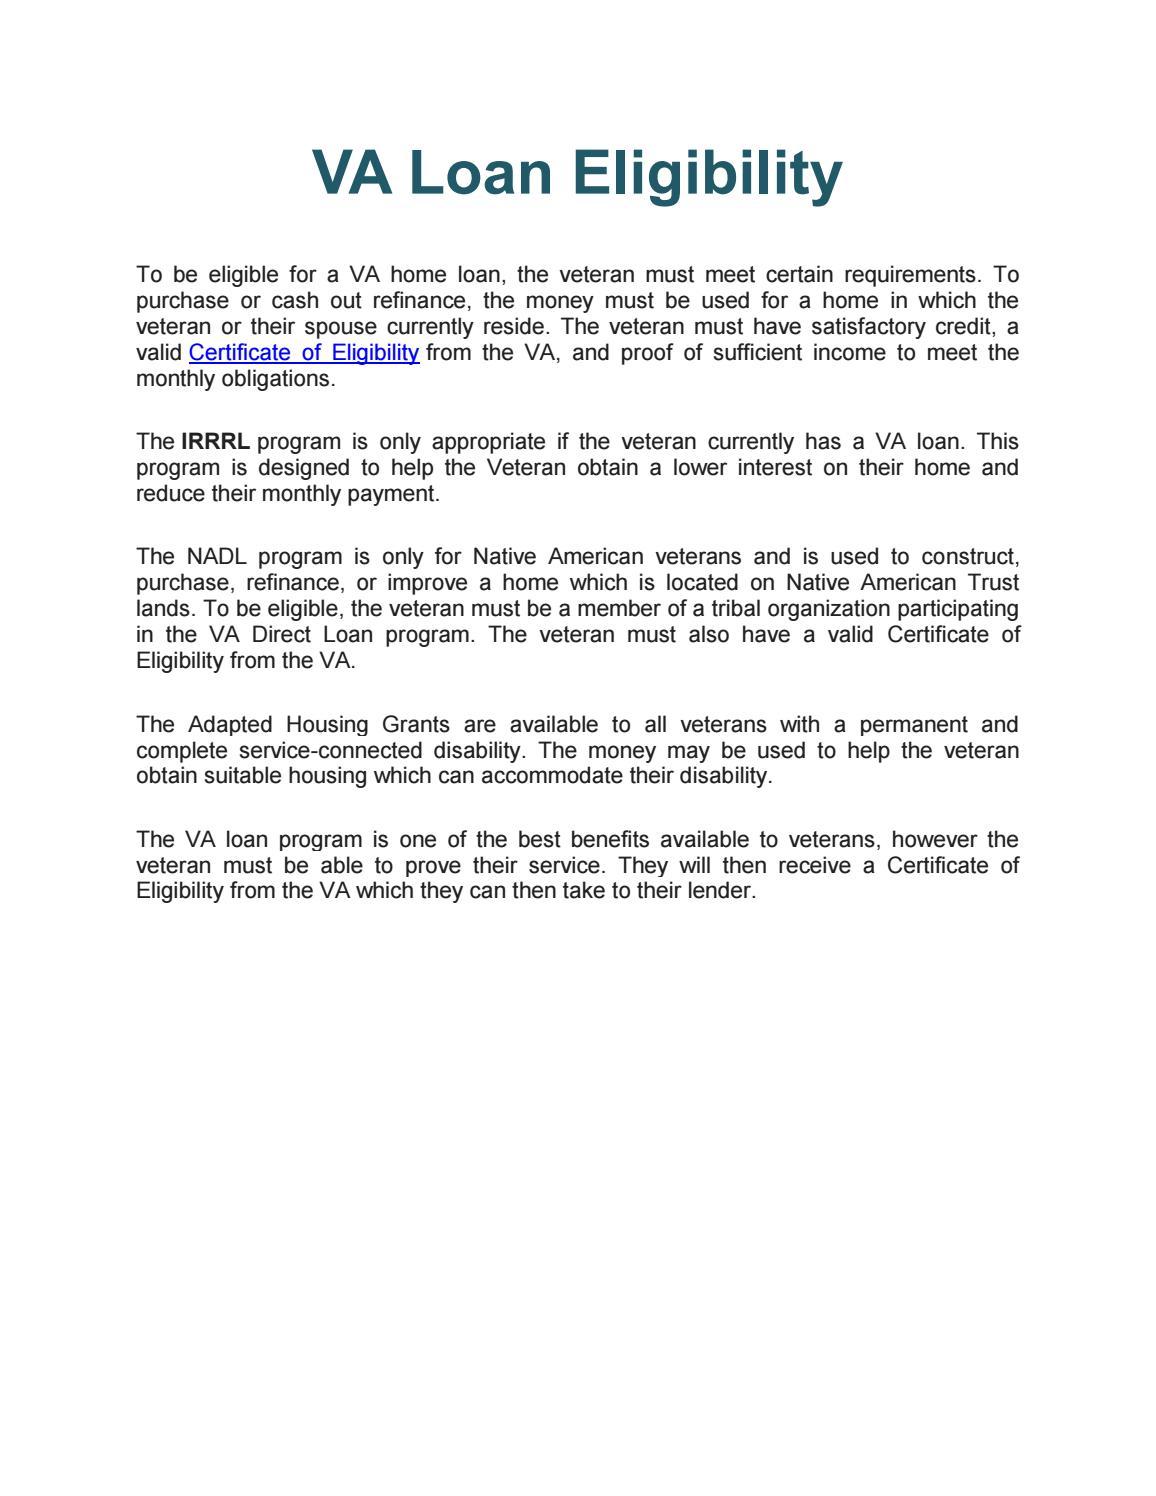 Va Loan Eligibility By Rrybahoward Issuu